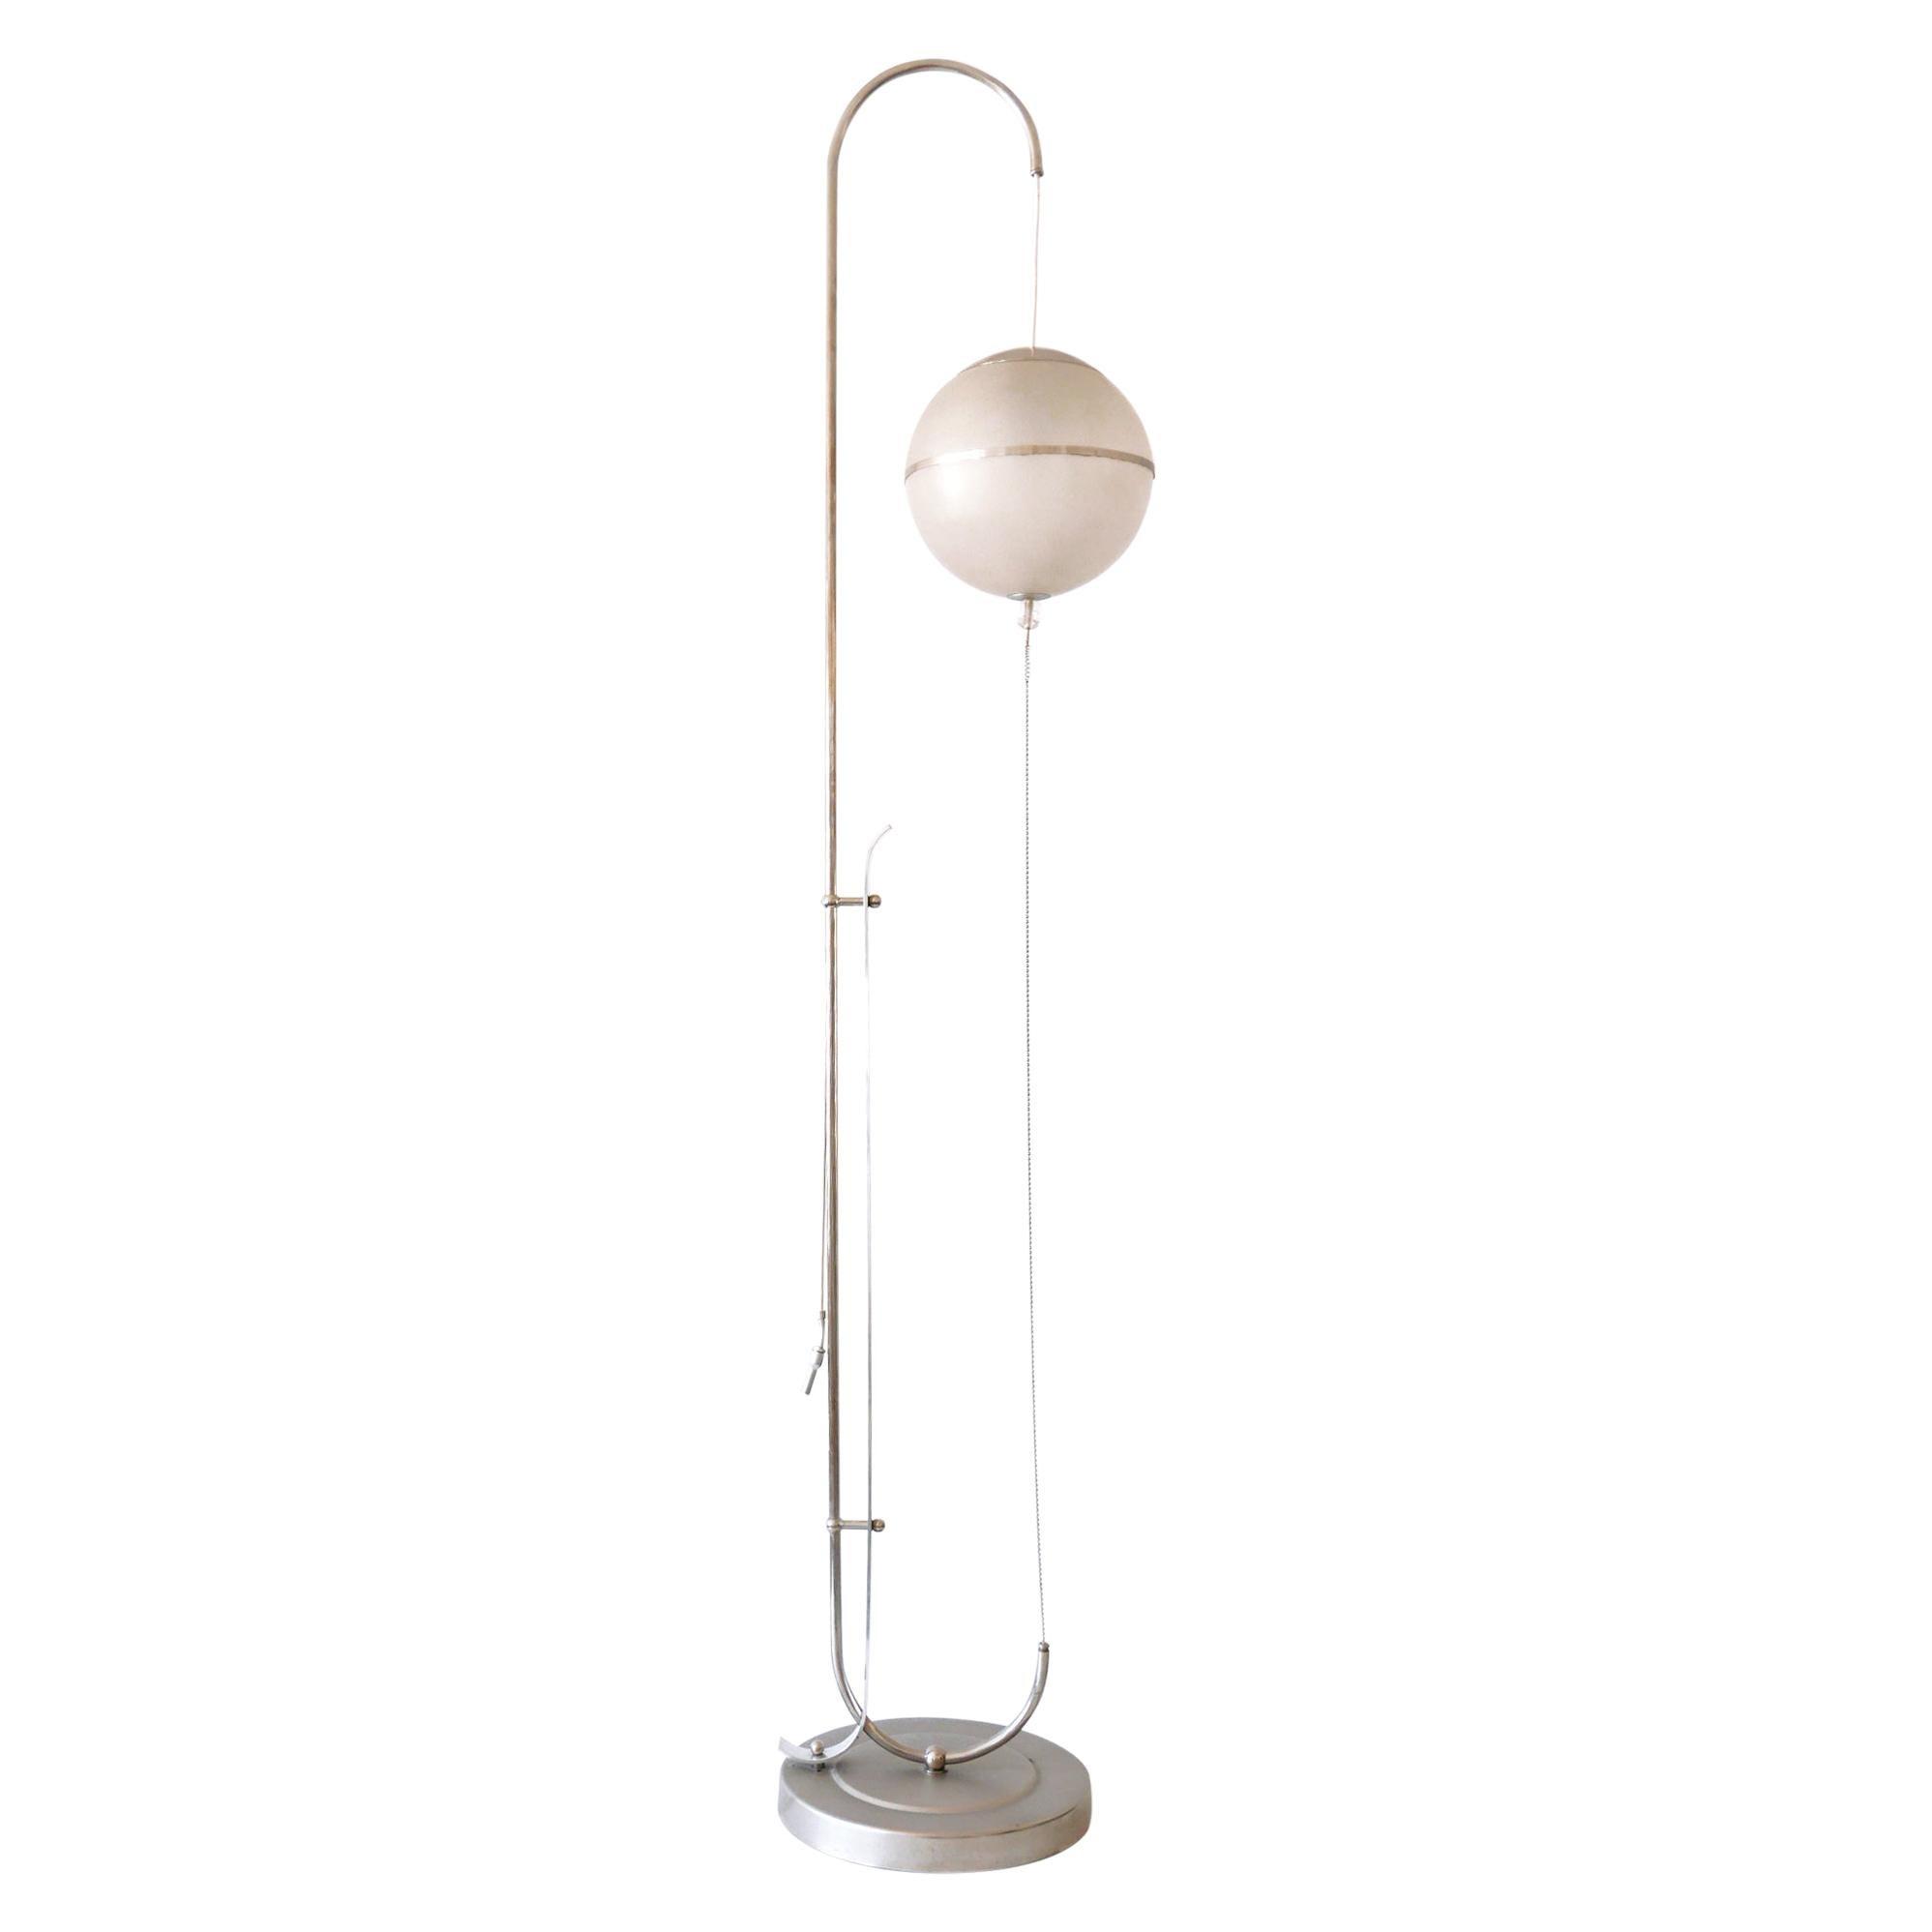 Bauhaus Floor Lamp by Karl Trabert for Schanzenbach & Co 1930s Germany